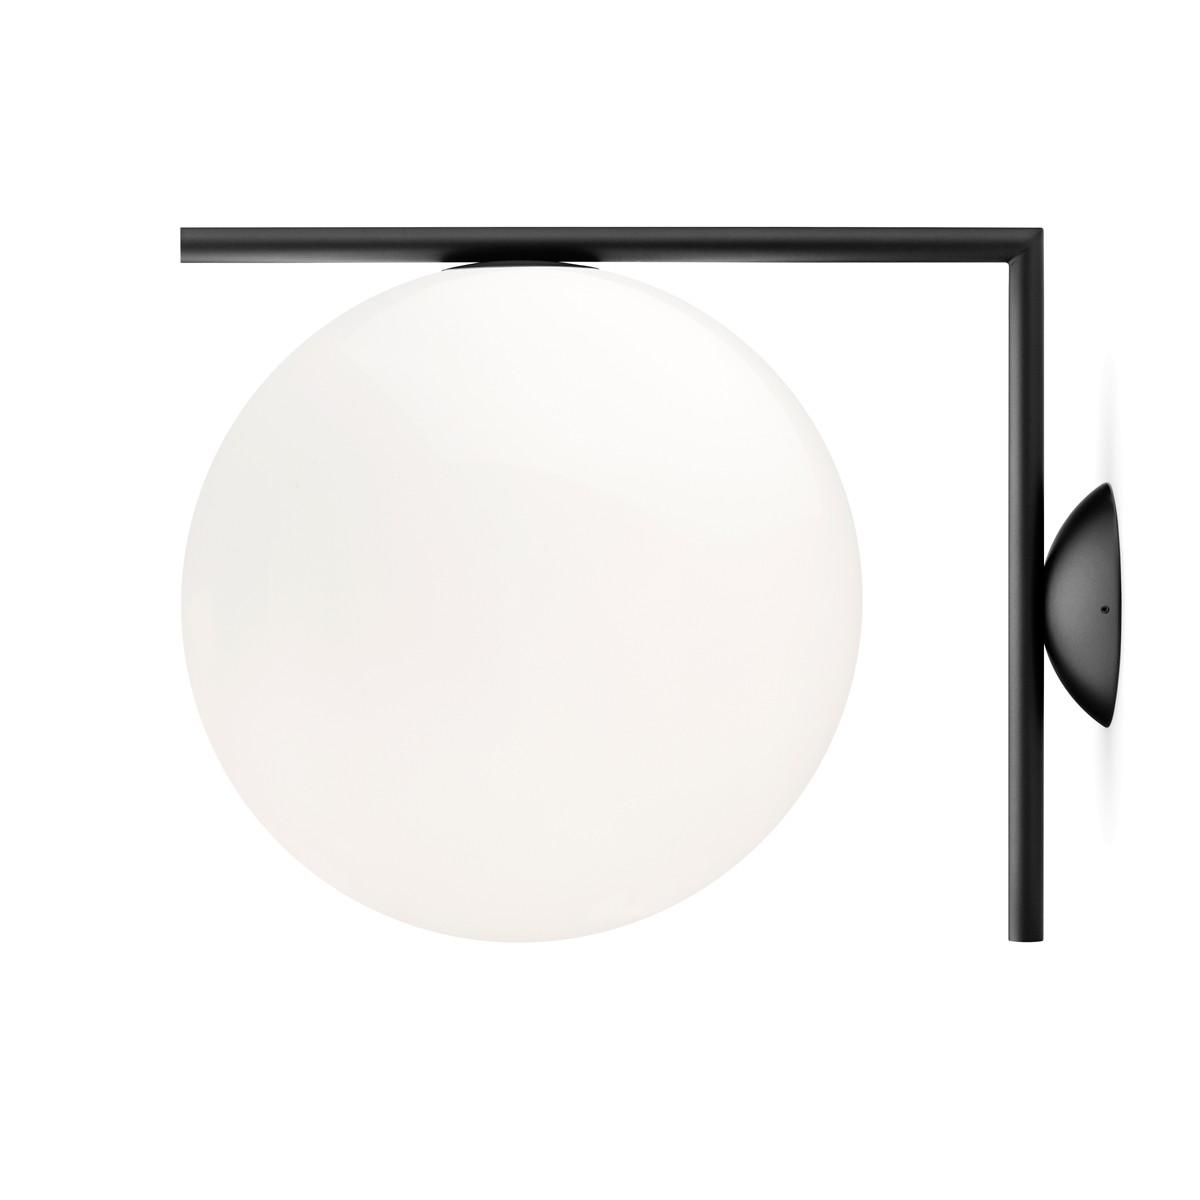 Flos IC C/W2 Wand- / Deckenleuchte, schwarz